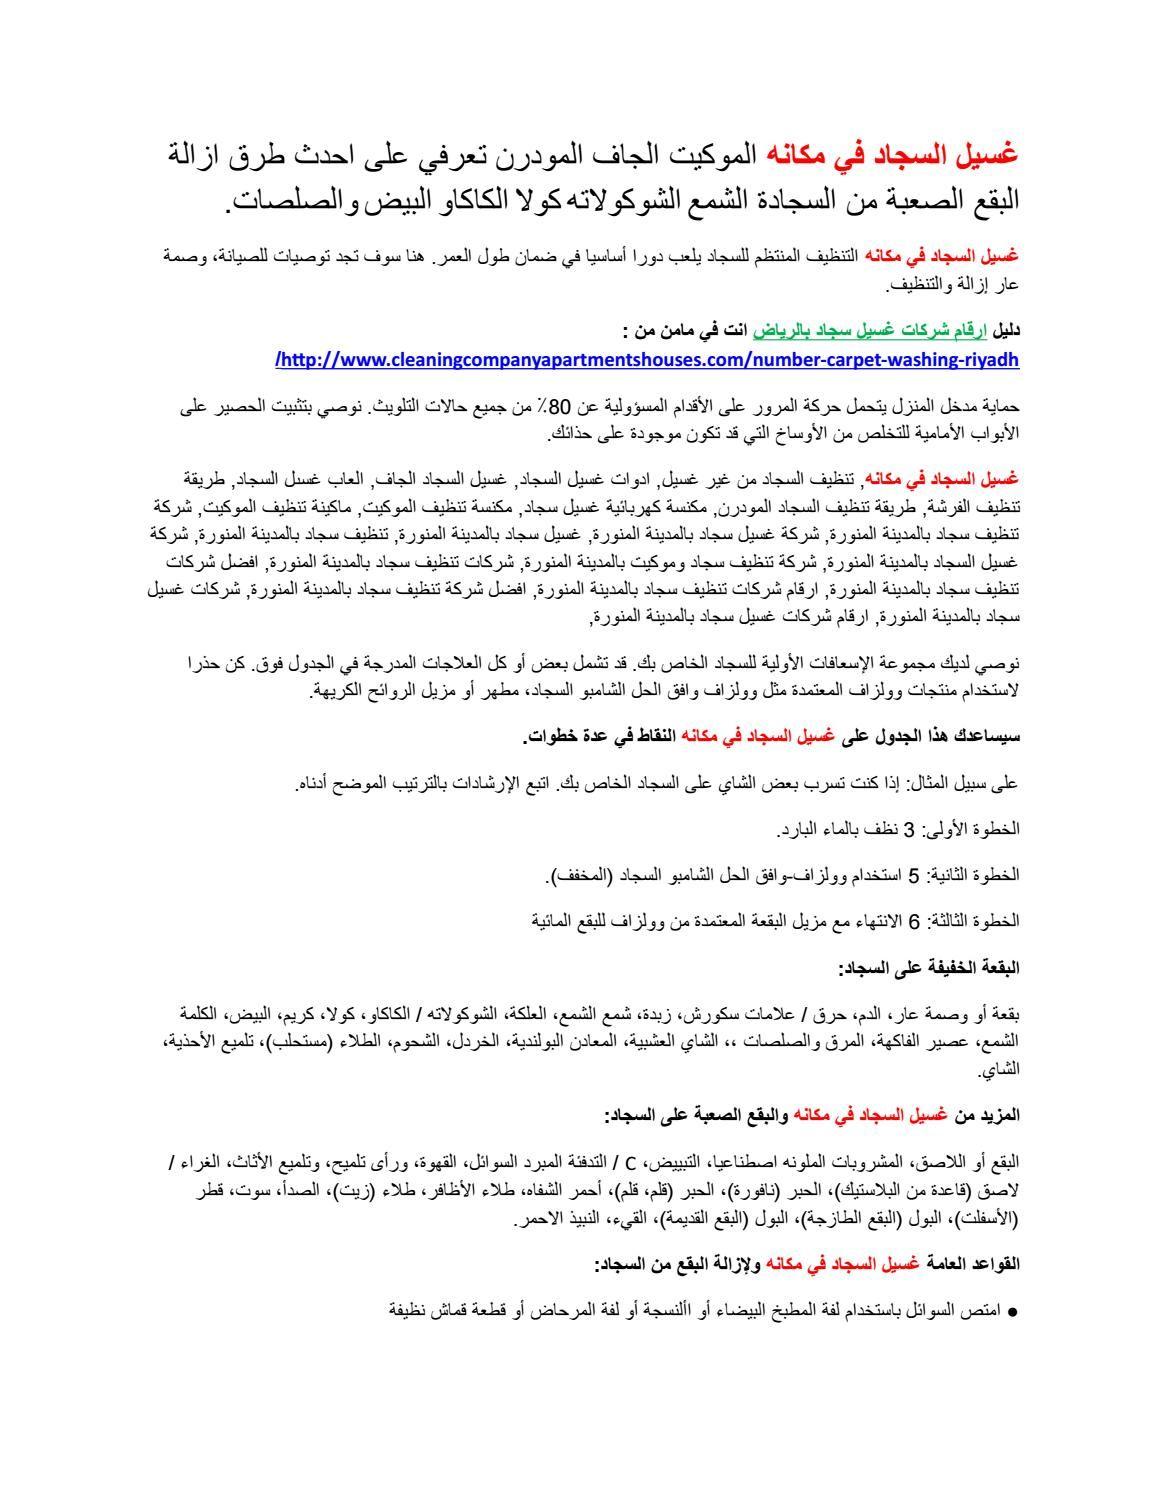 عدوى المستشفيات Pdf الاحتياطات القياسية لمكافحة العدوى سجل جدول متابعة أعمال النظافة اليومية ا Home Maintenance Dubai Kuwait